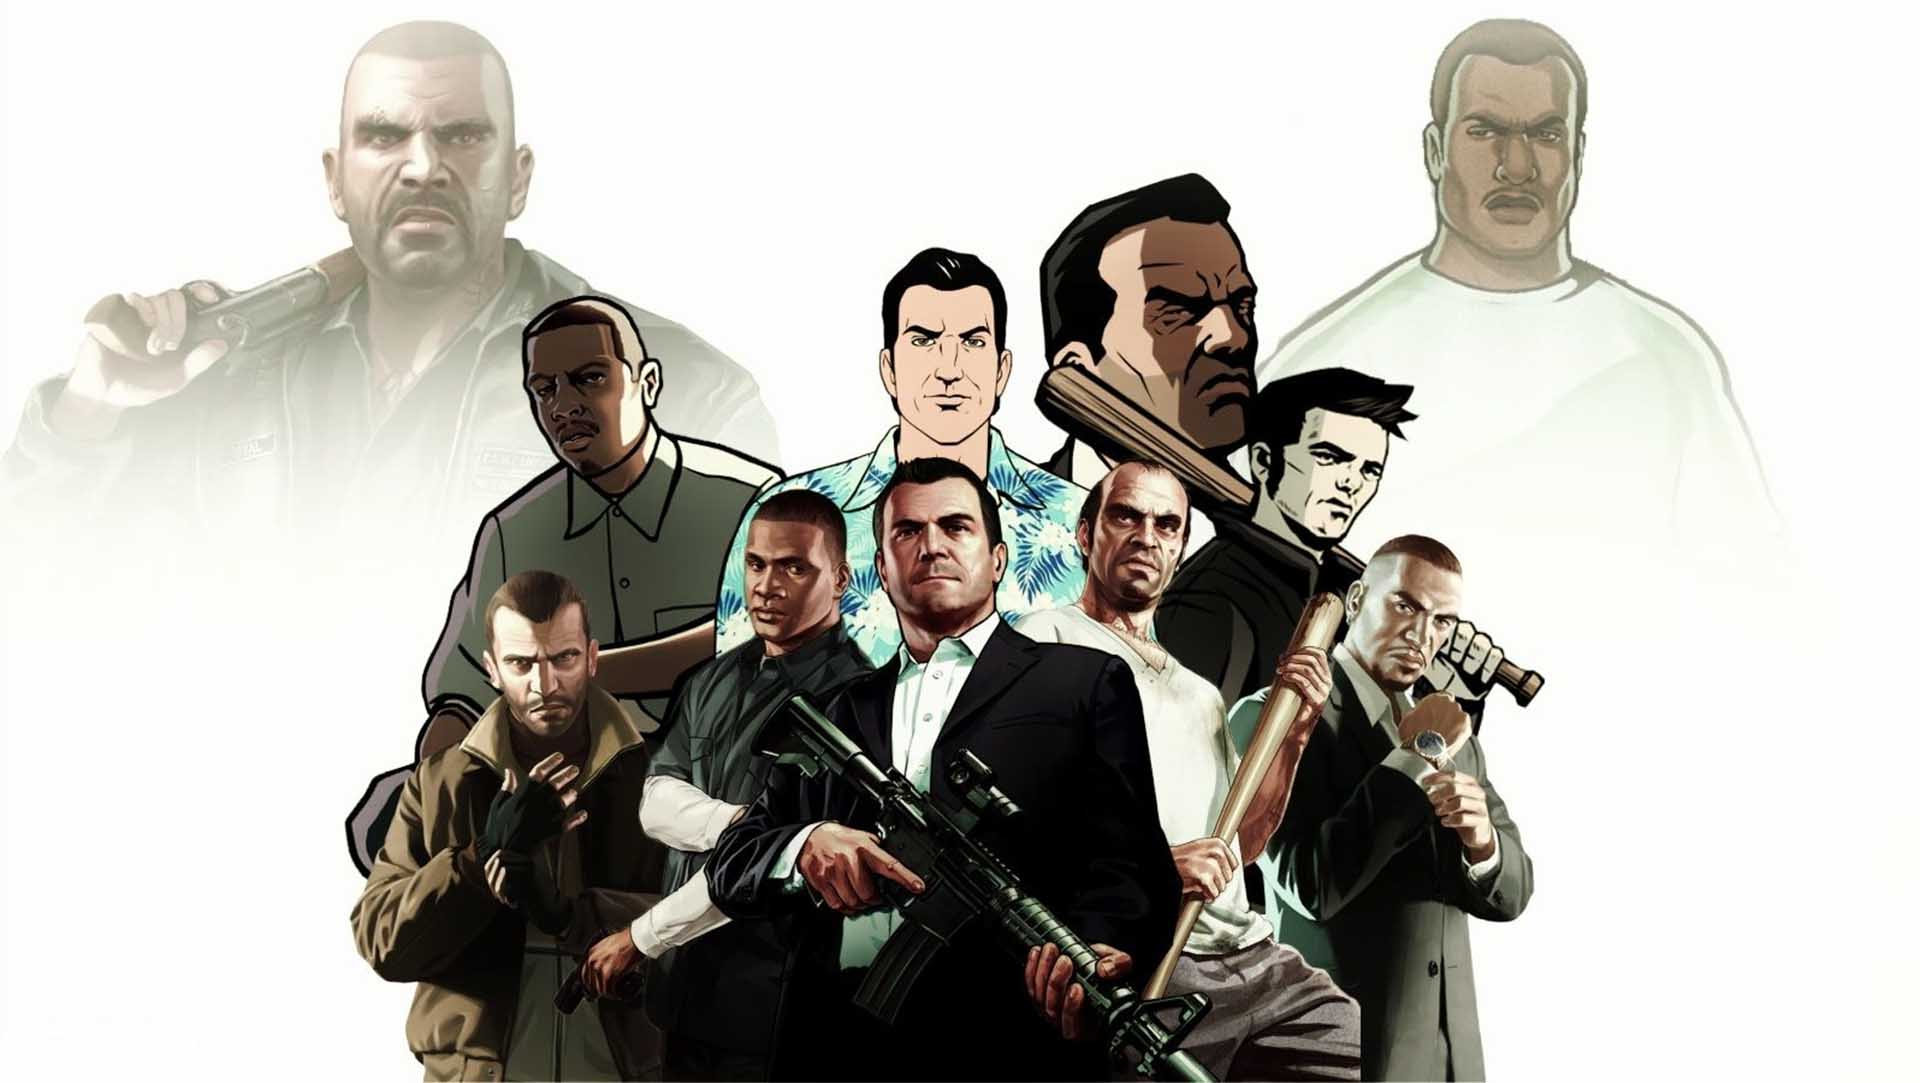 realismo en GTA